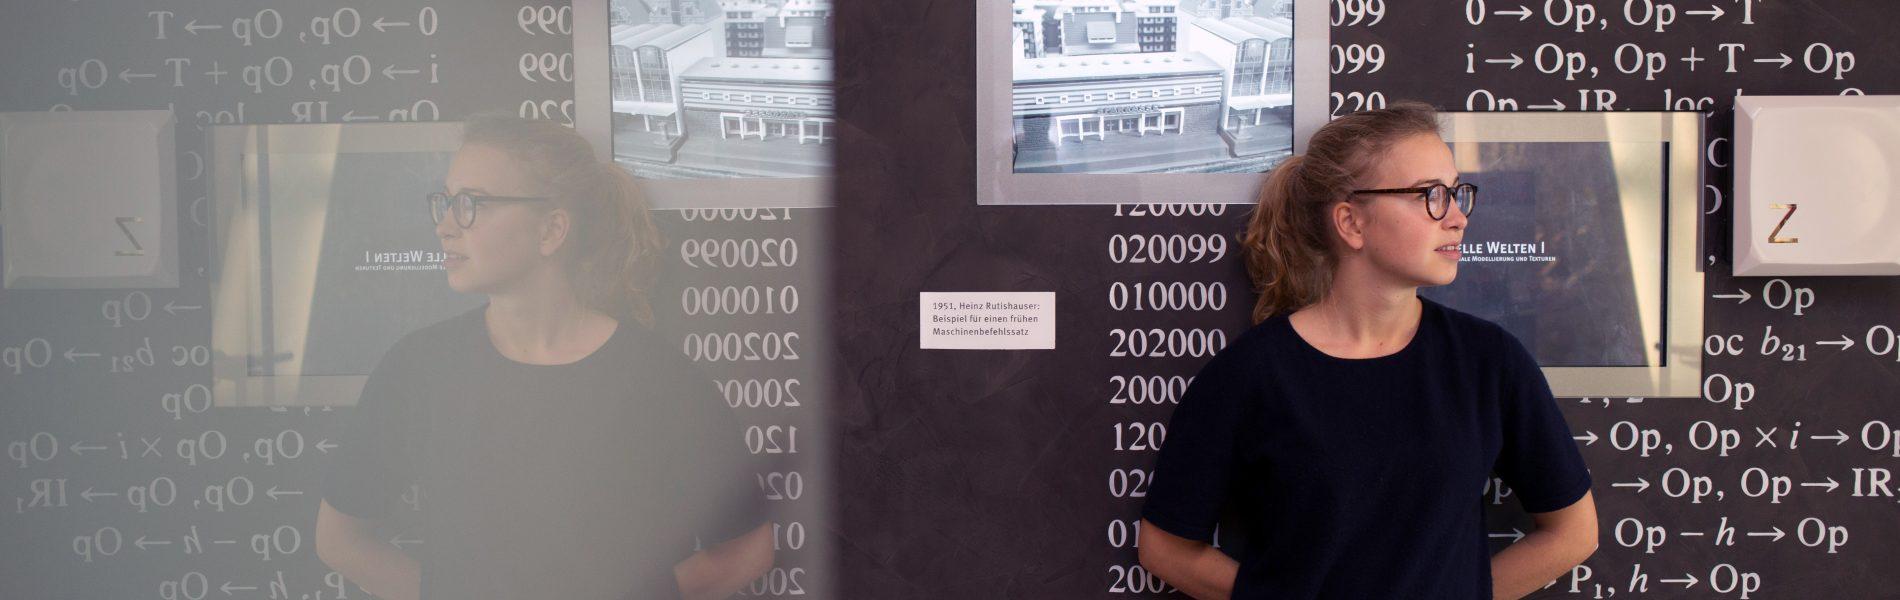 Eine Person steht vor einer dunklen Wand mit mathematischen Formeln. Dahinter eine Zeichnung von Gebäuden.